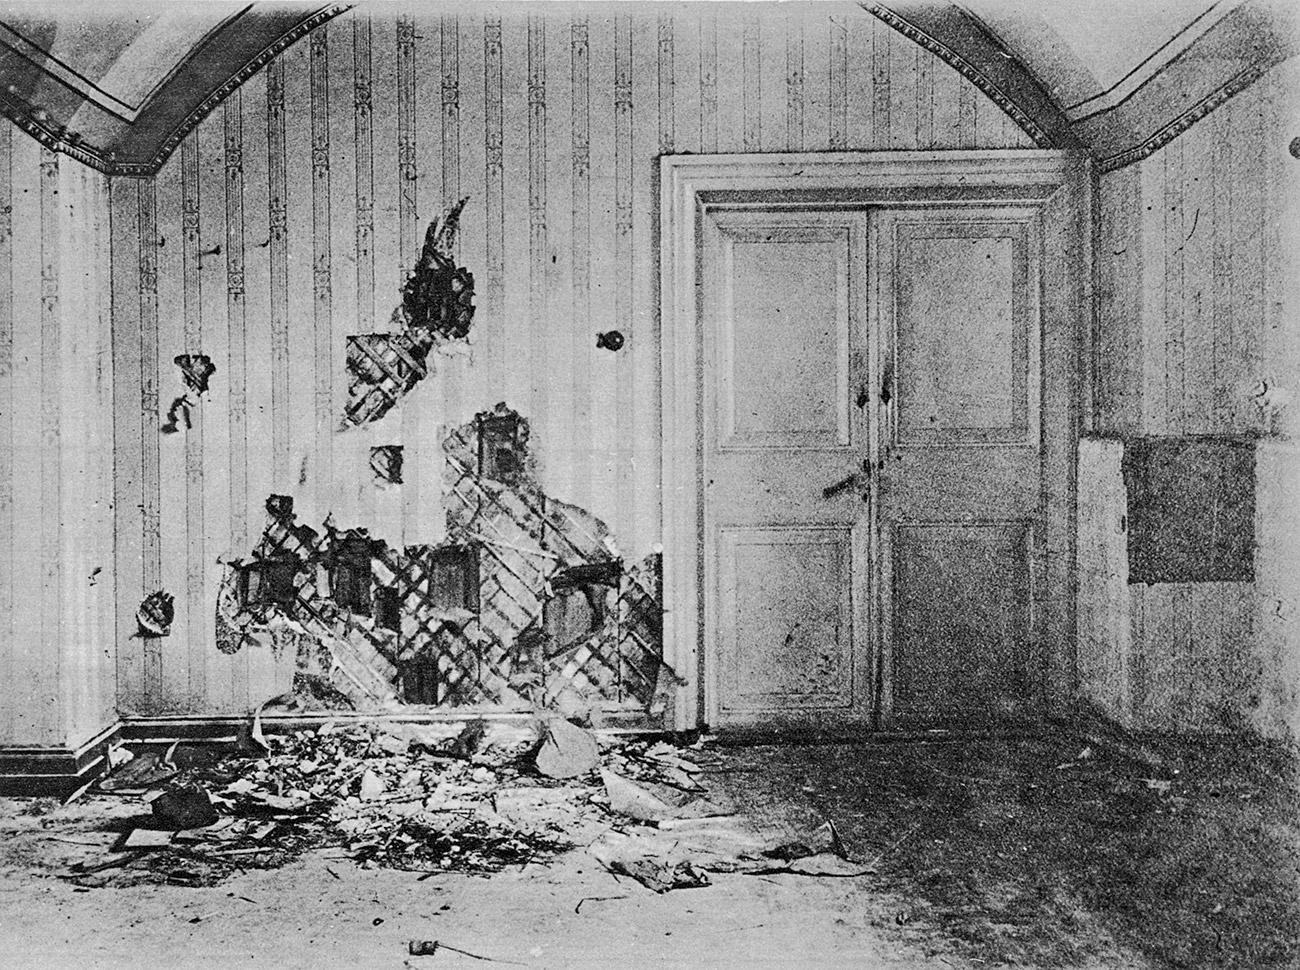 La stanza della casa Ipatiev a Ekaterinburg dove venne fucilata la famiglia dello zar, 1918. Fonte: Mary Evans Picture Library/Global Look Press